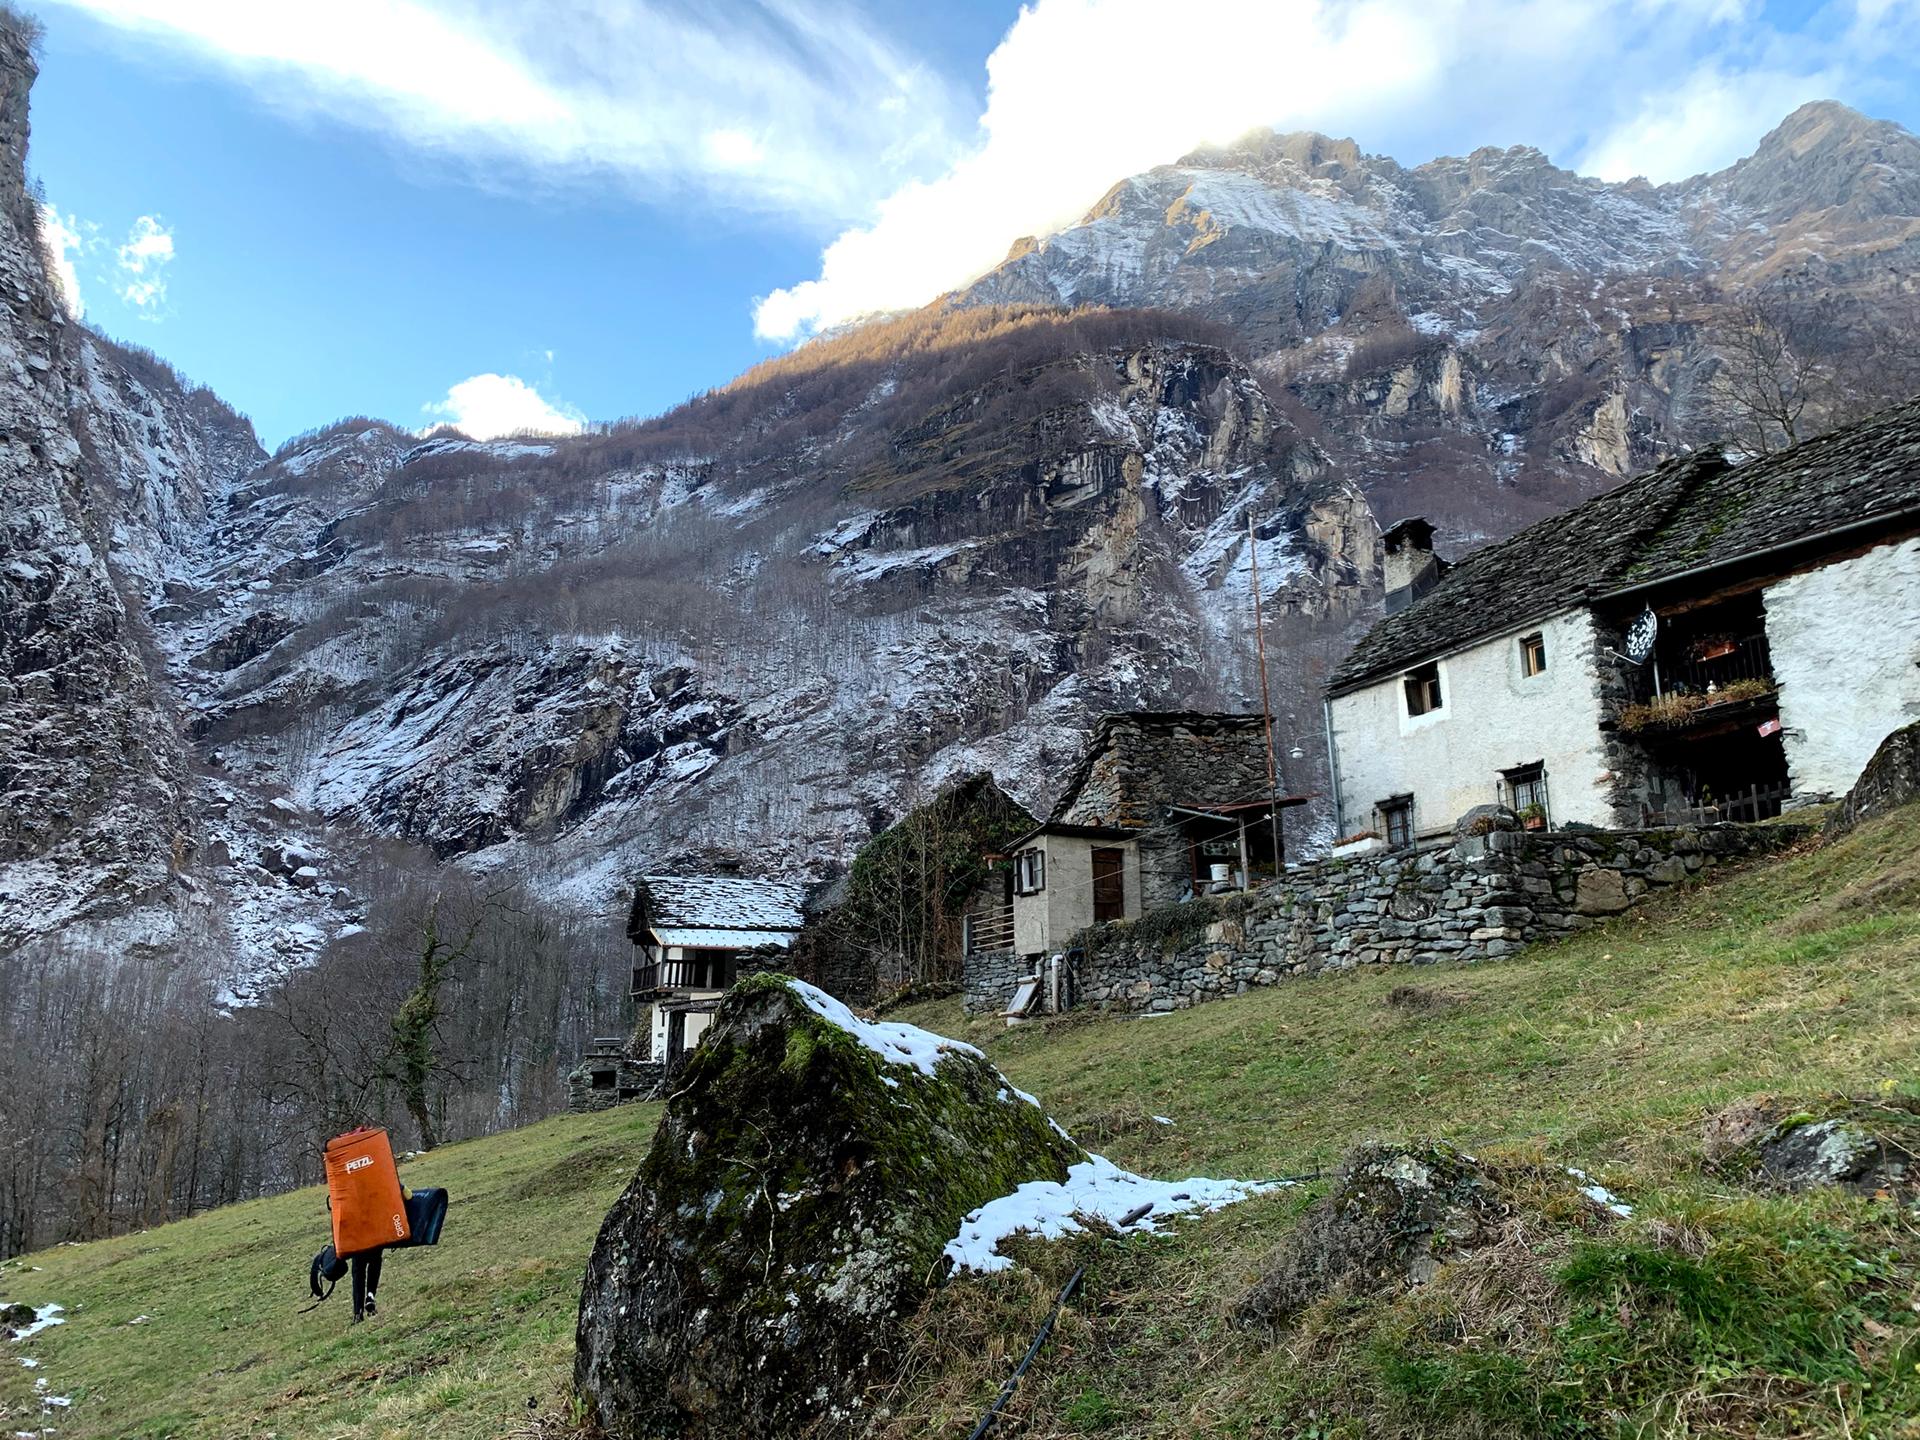 4 世界を翔けるロッククライマー・一宮大介のスイス遠征記